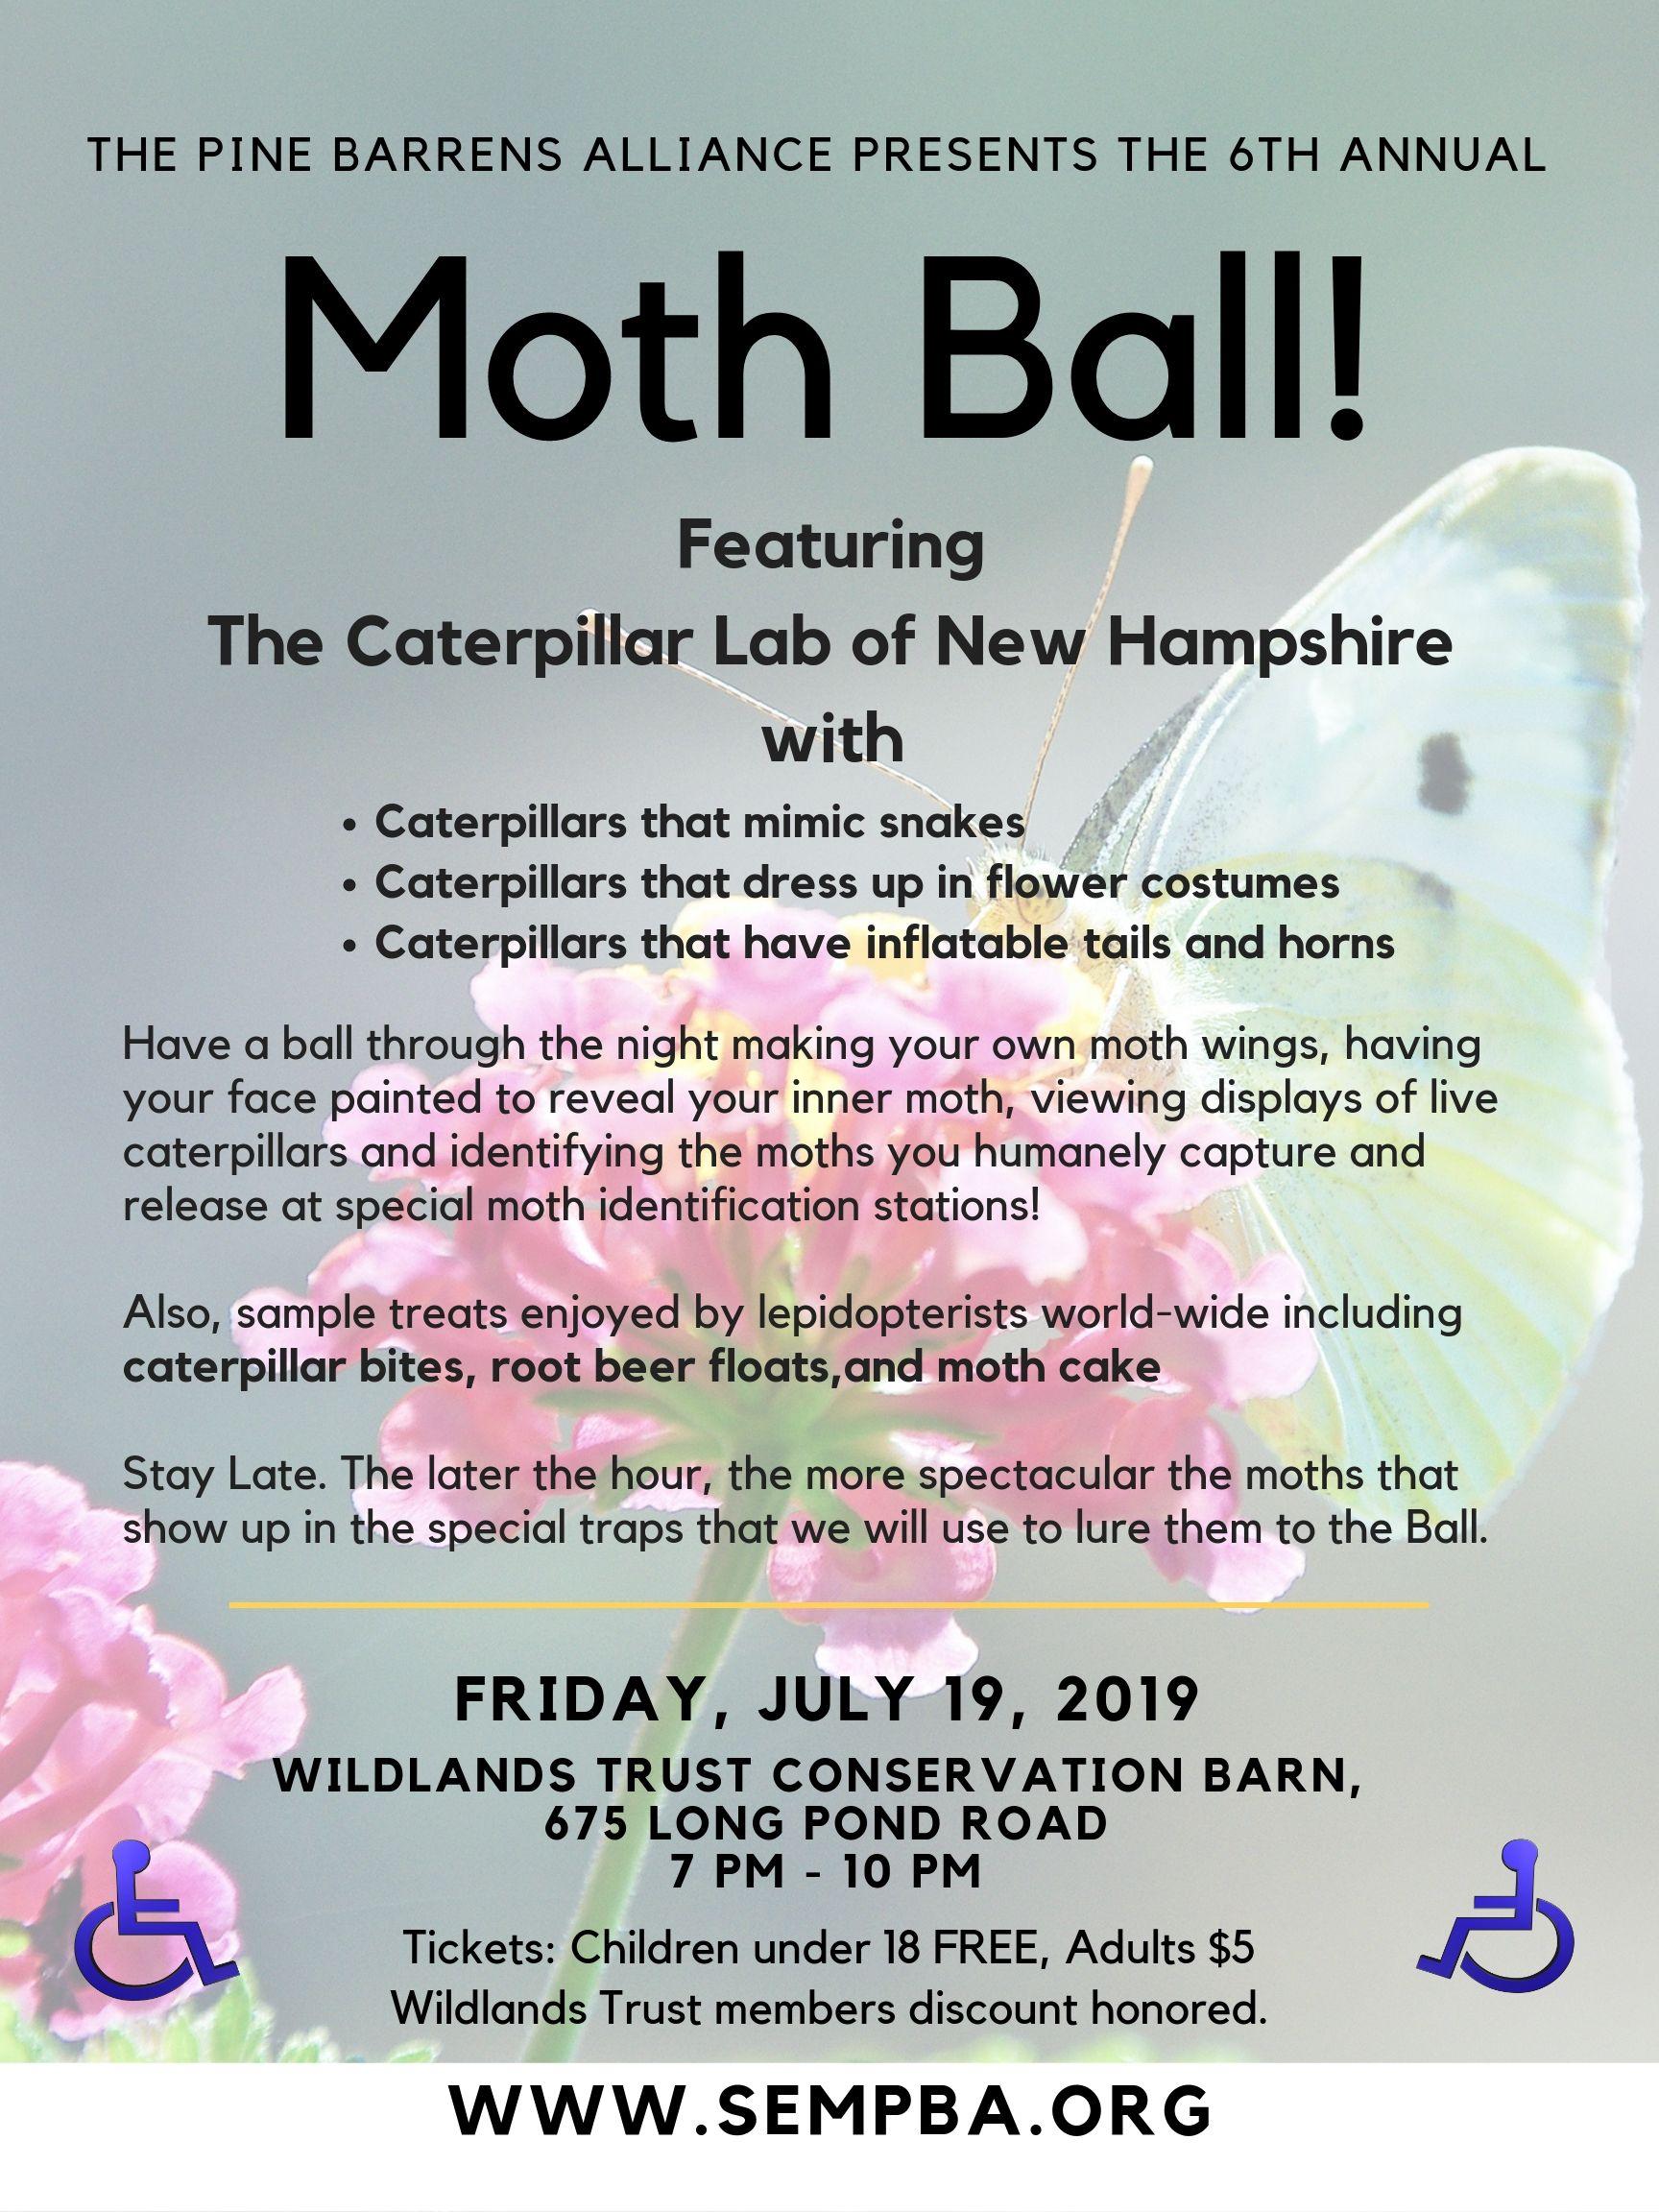 6th annual Moth Ball